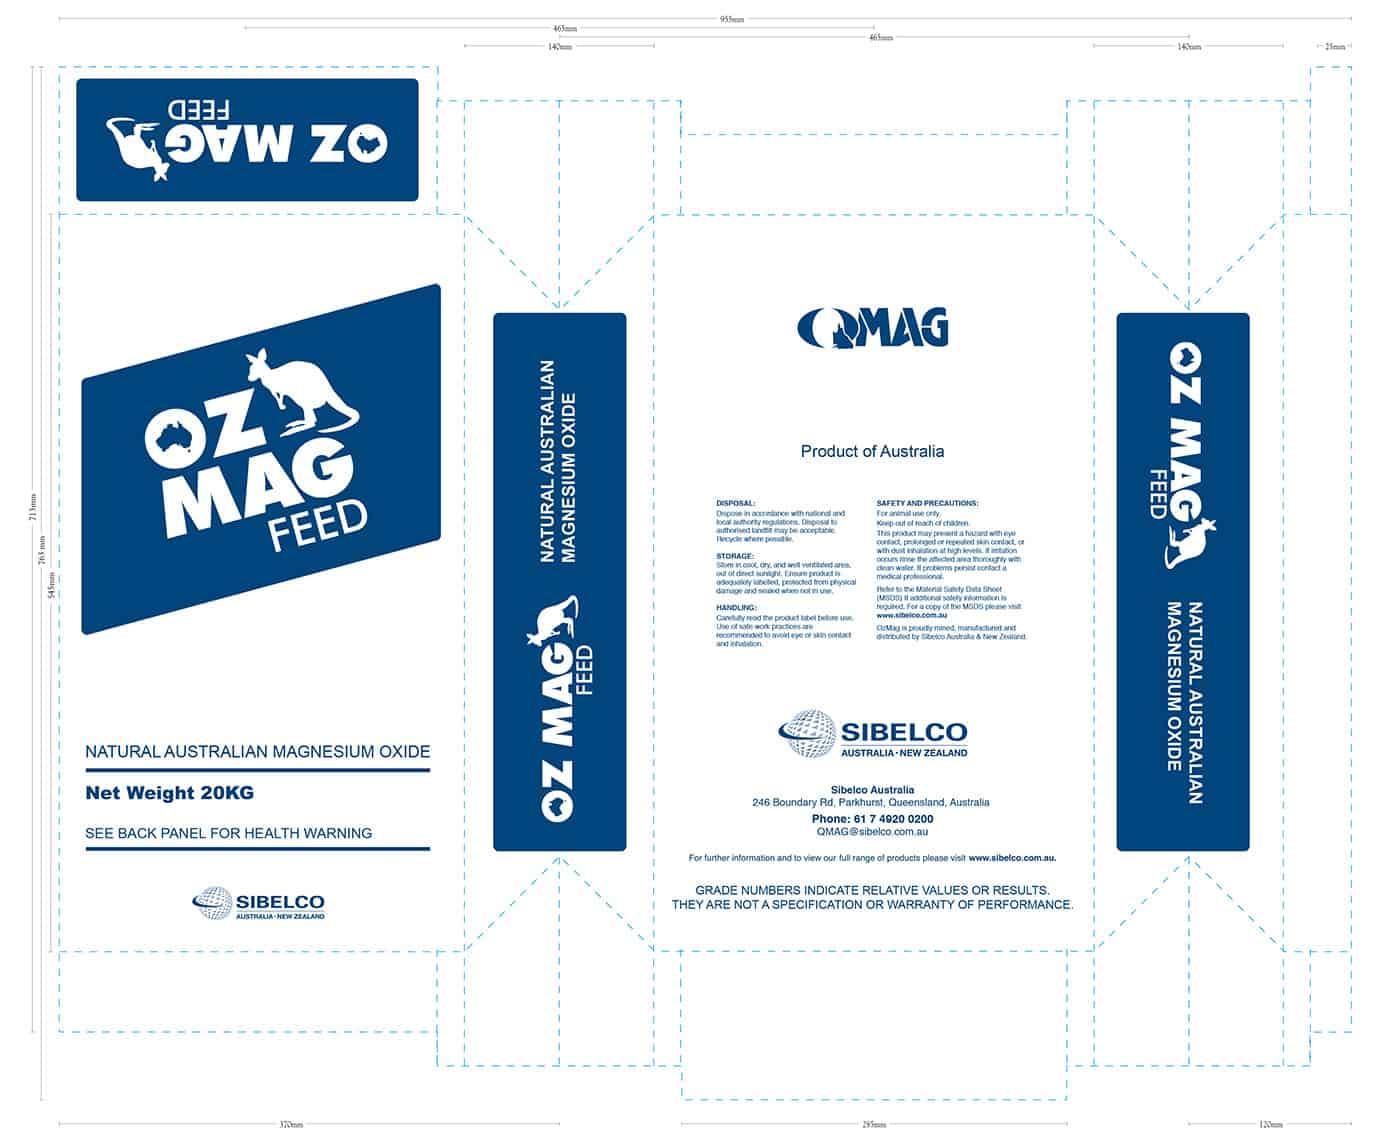 OZMAG Feed Packaging